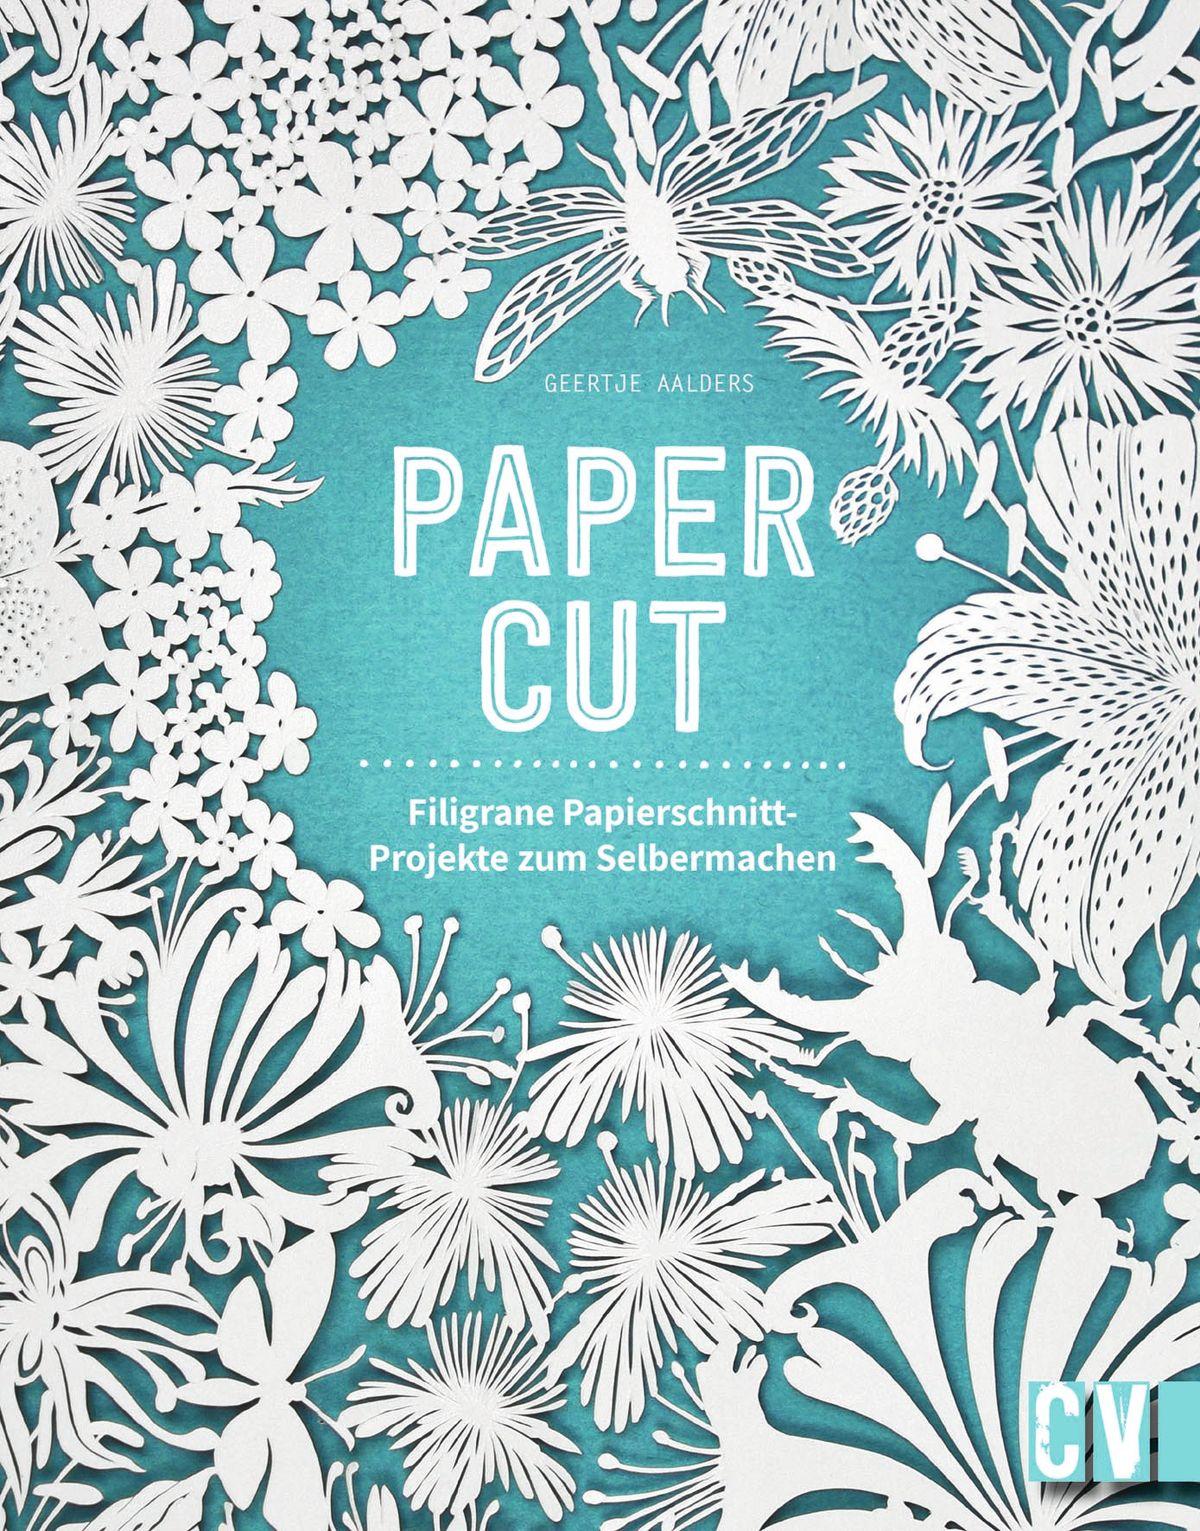 Papercut - Filigrane Papierschnitt-Projekte 14,99 Euro / ISBN: 9783838837574